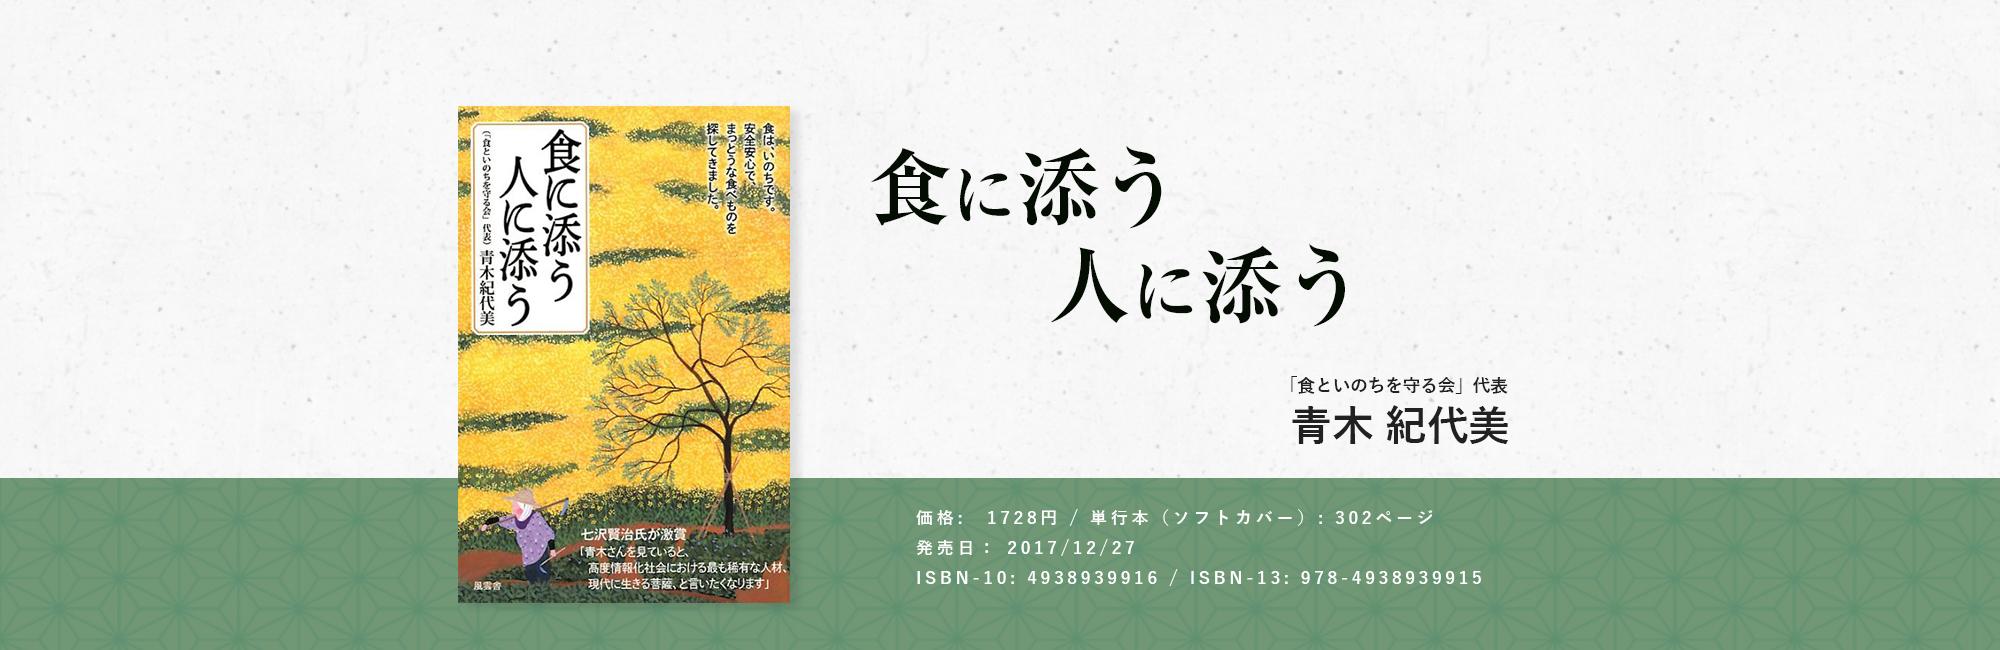 books_bnr4